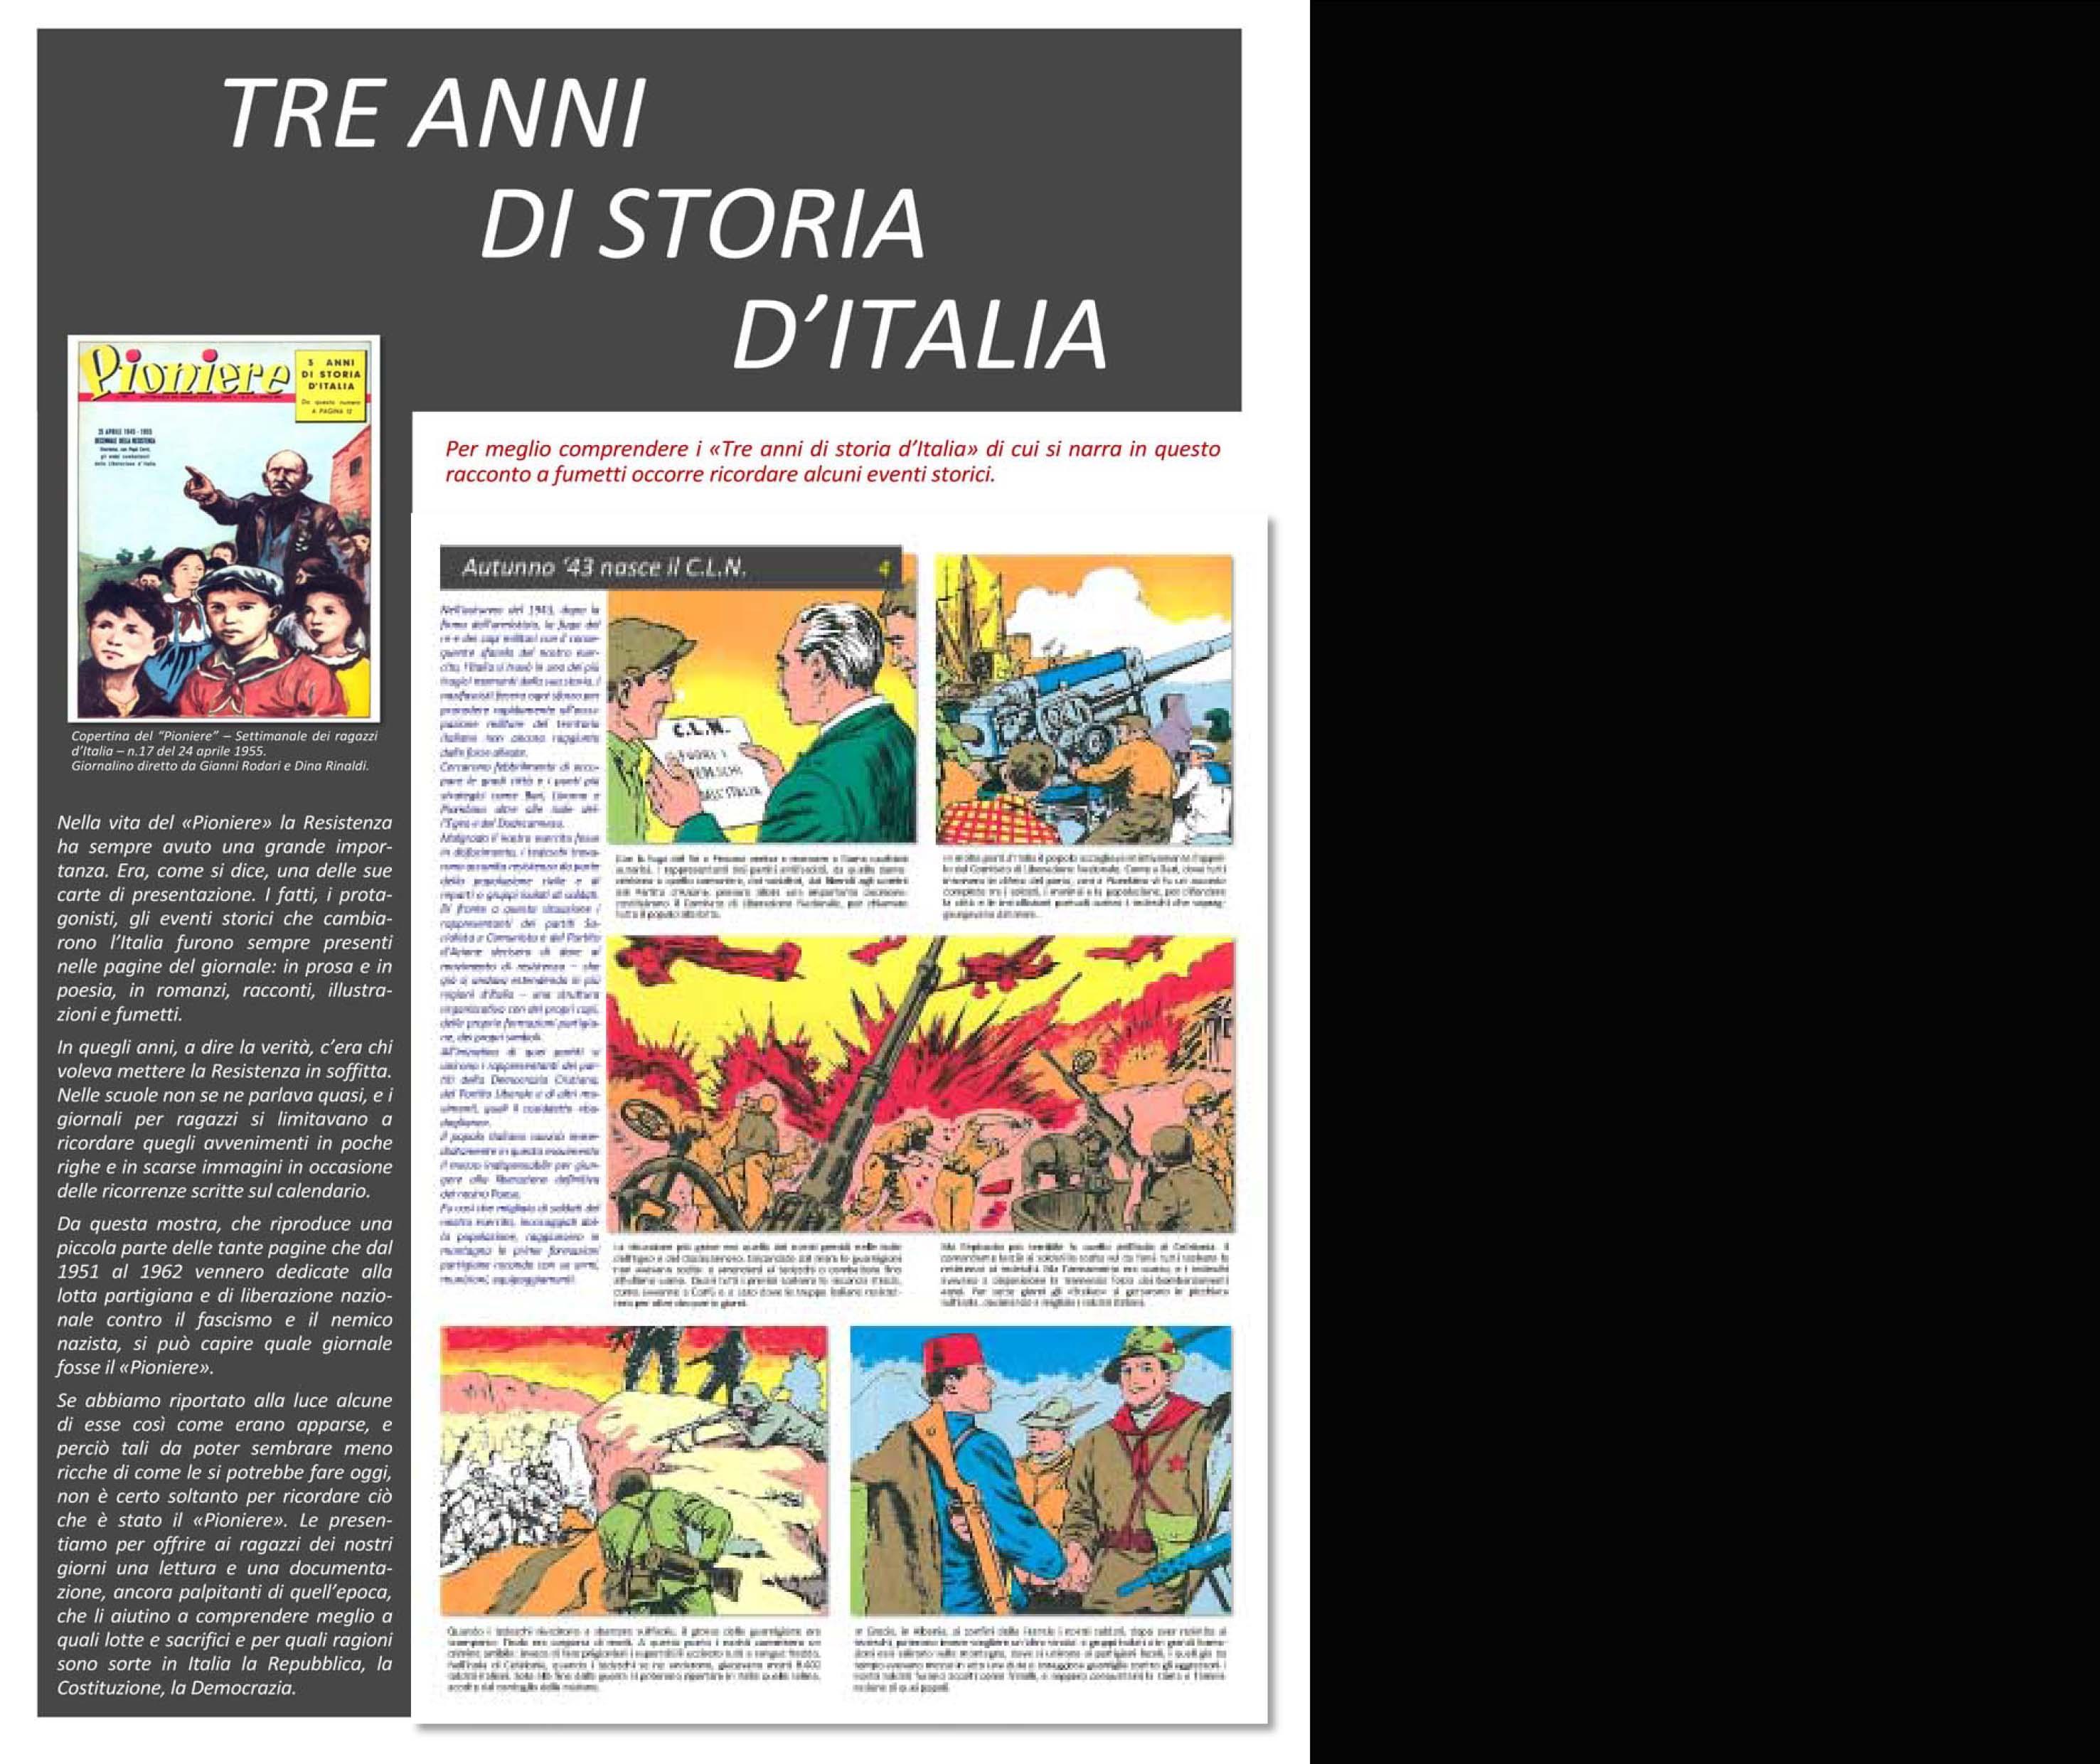 Tre anni di storia dItalia